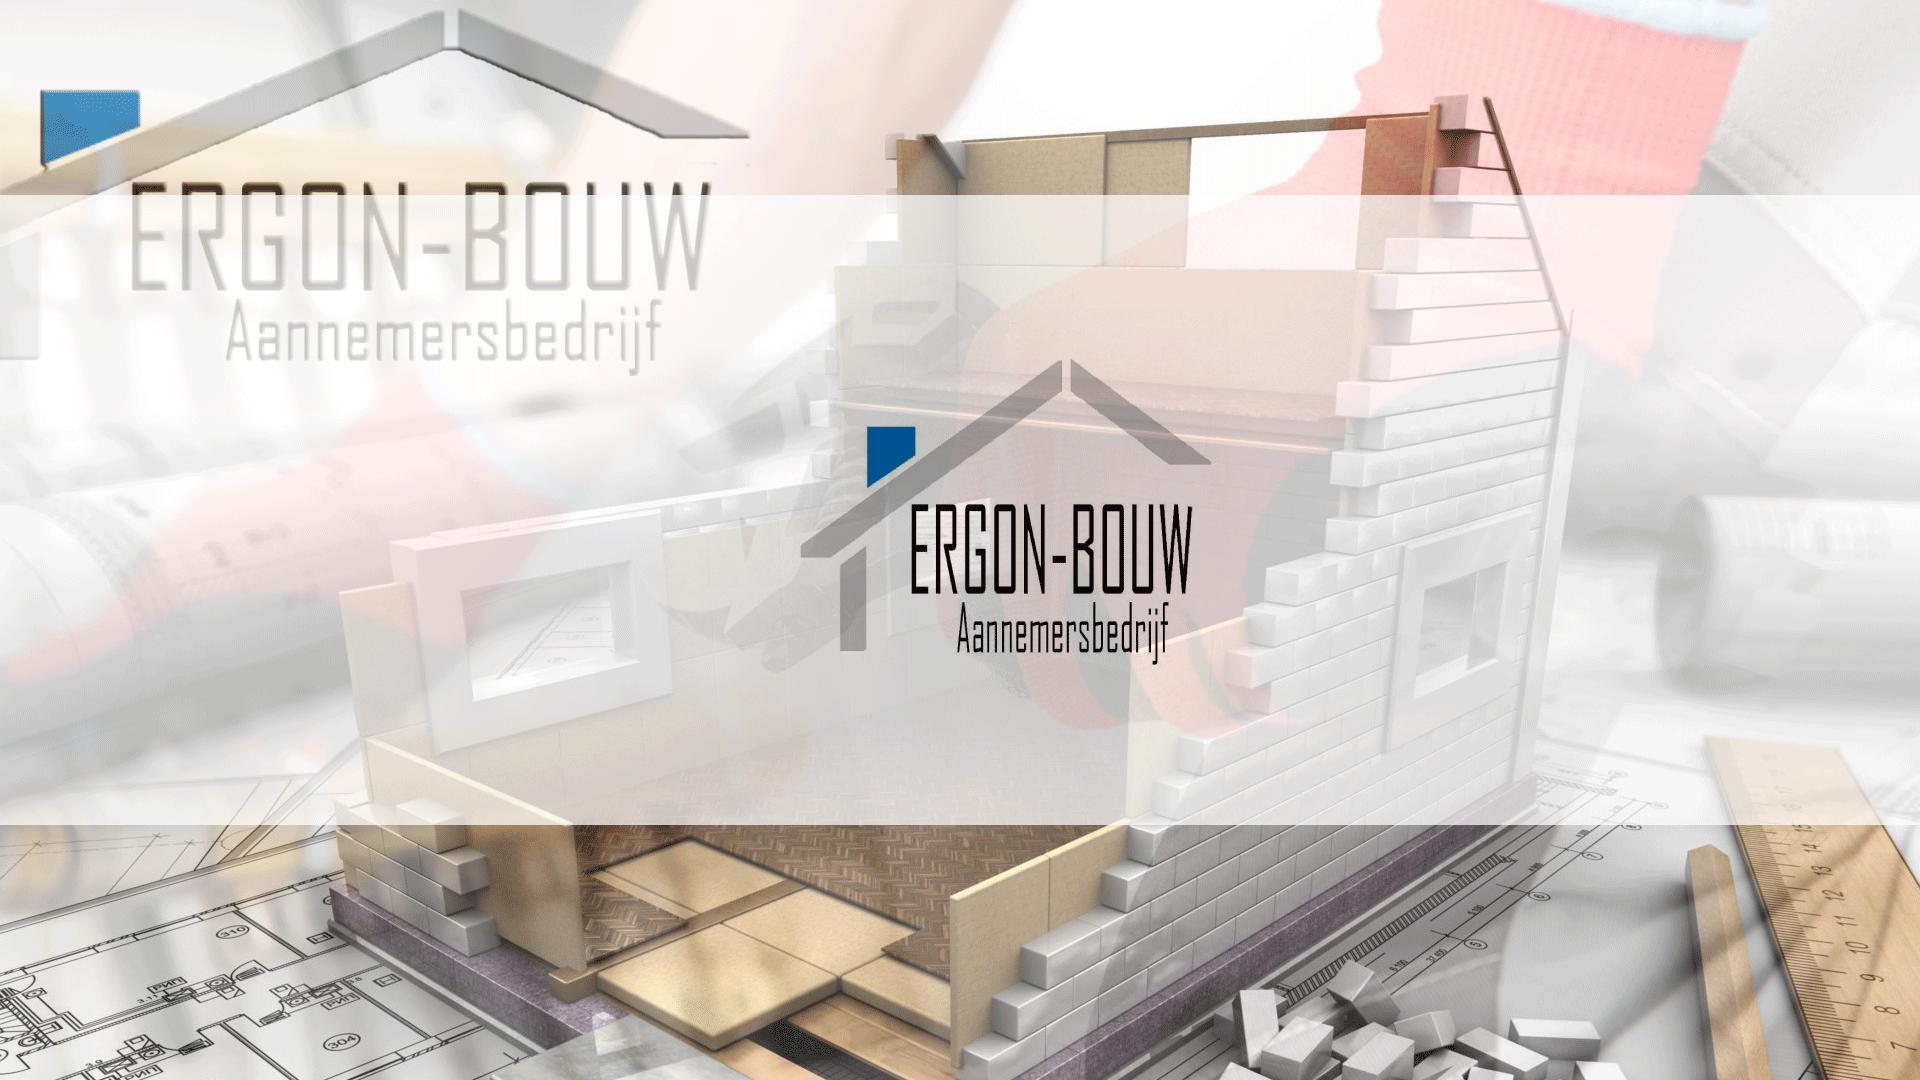 Ergon Bouw